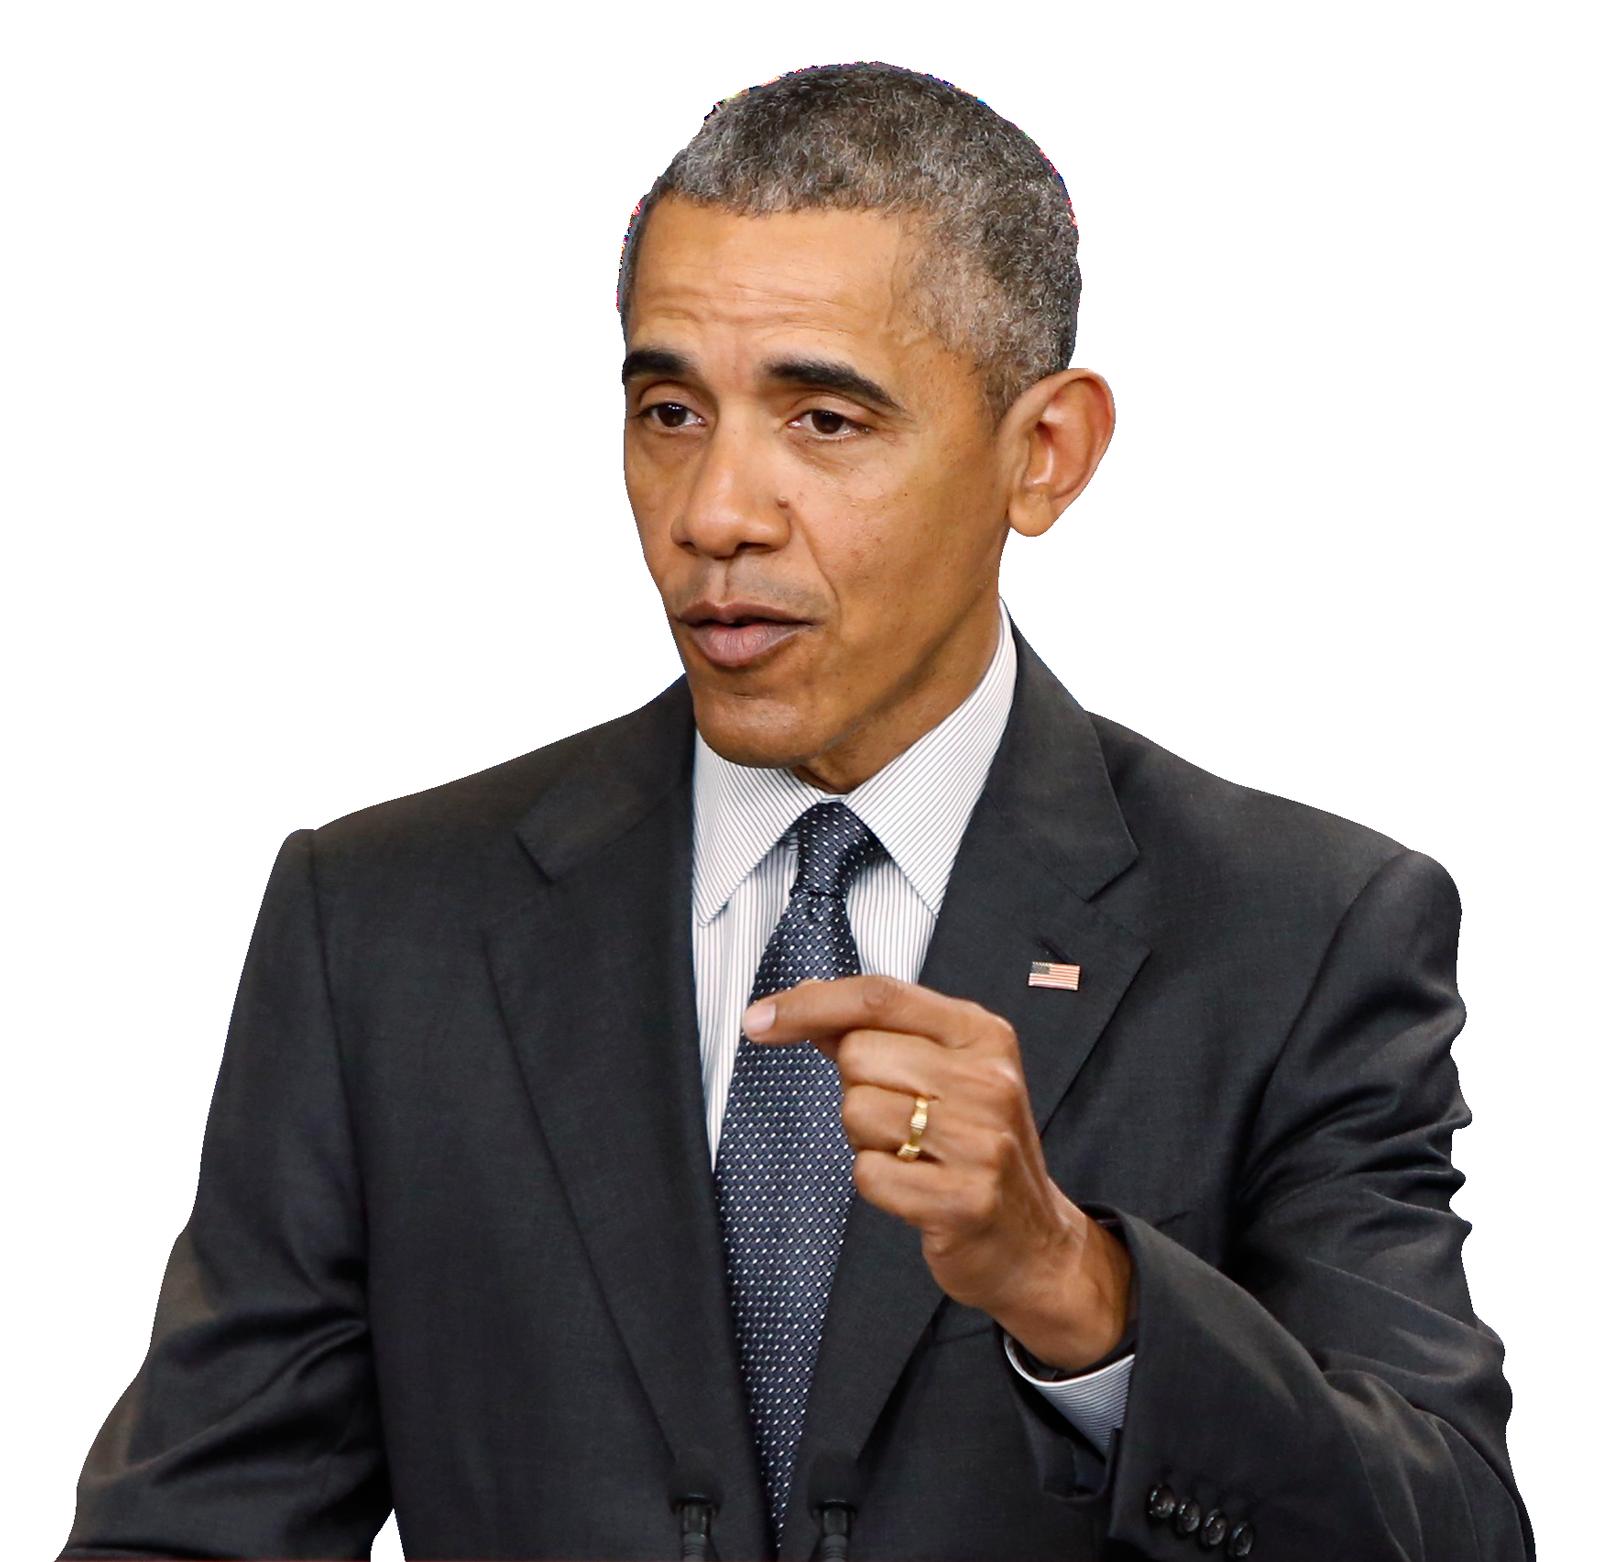 Barack Obama PNG - 854